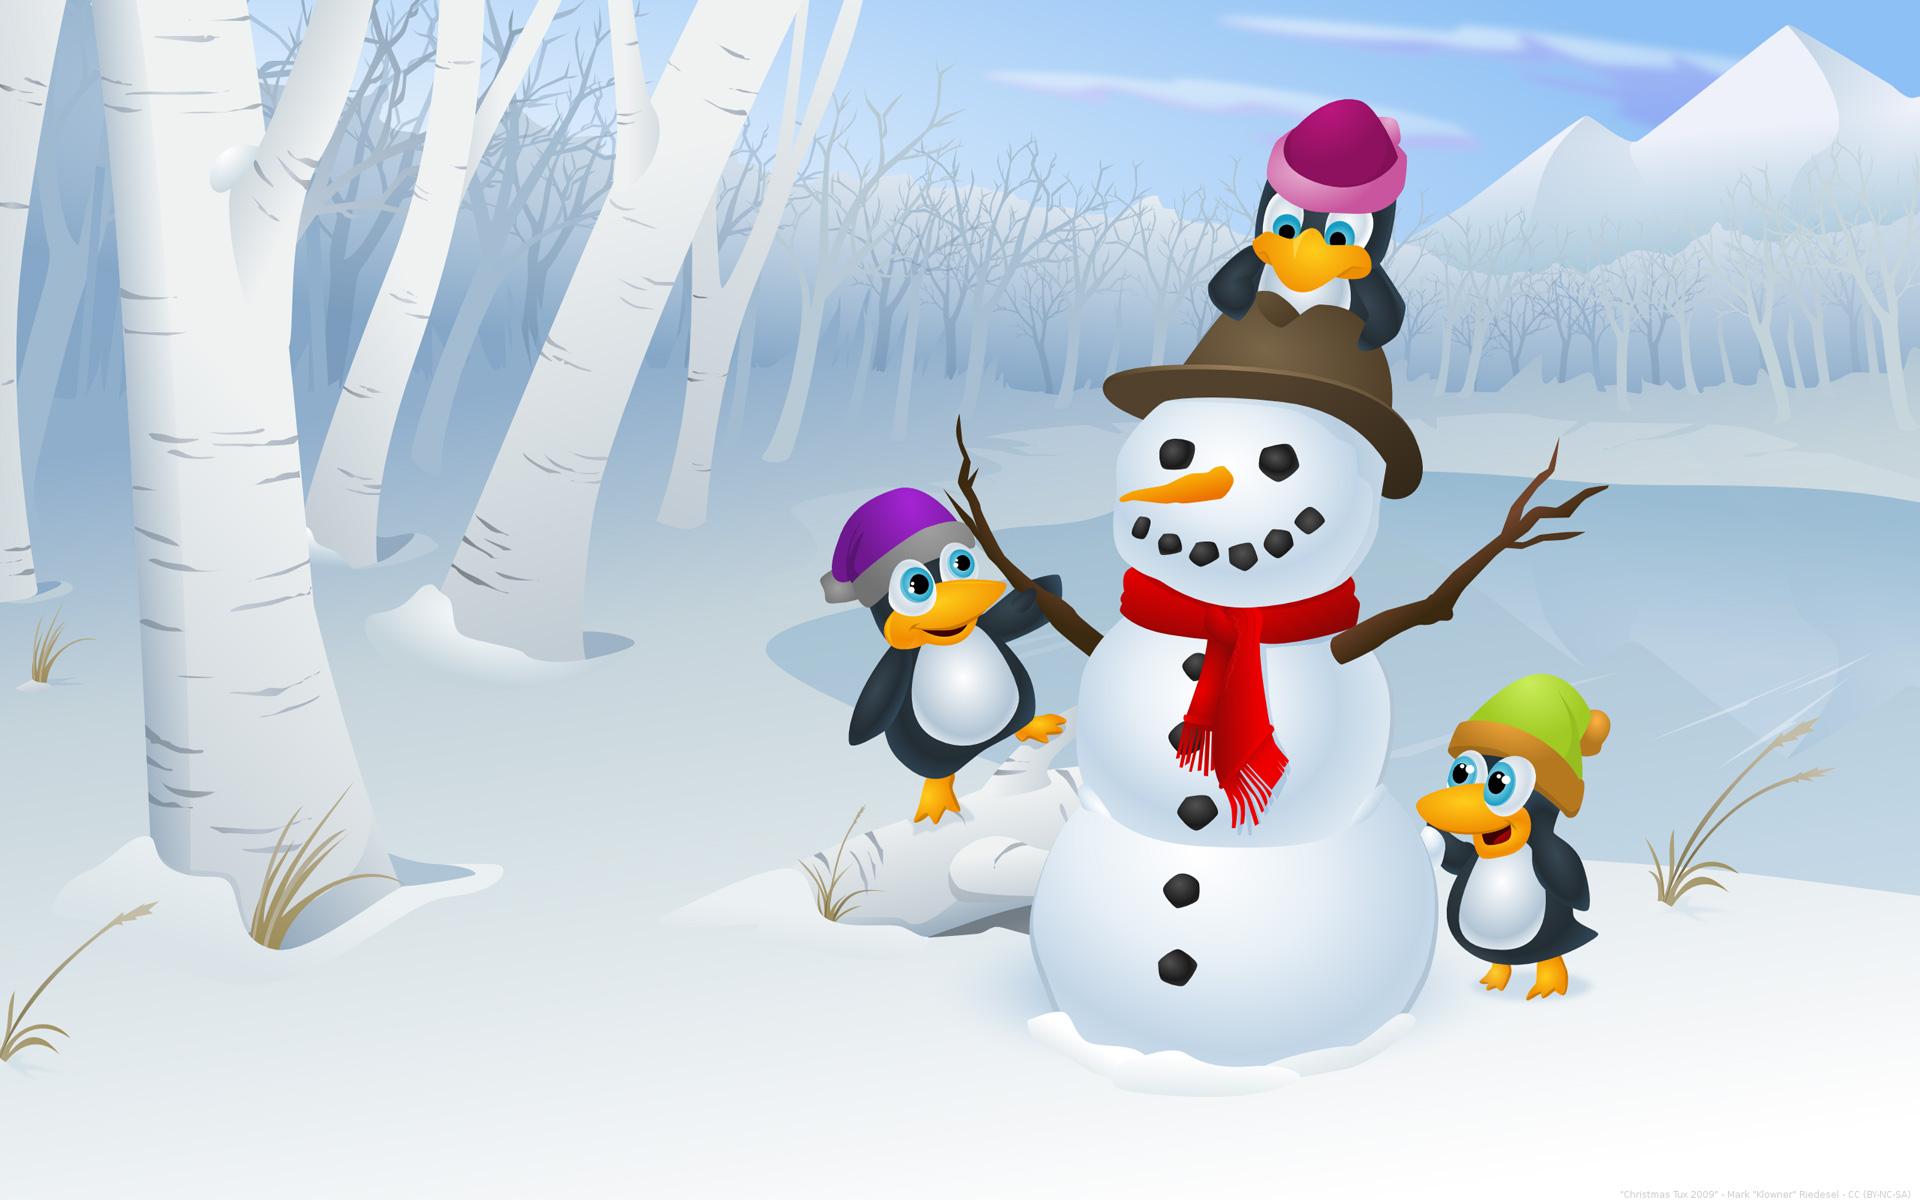 Hình ảnh hoạt hình người tuyết dễ thương